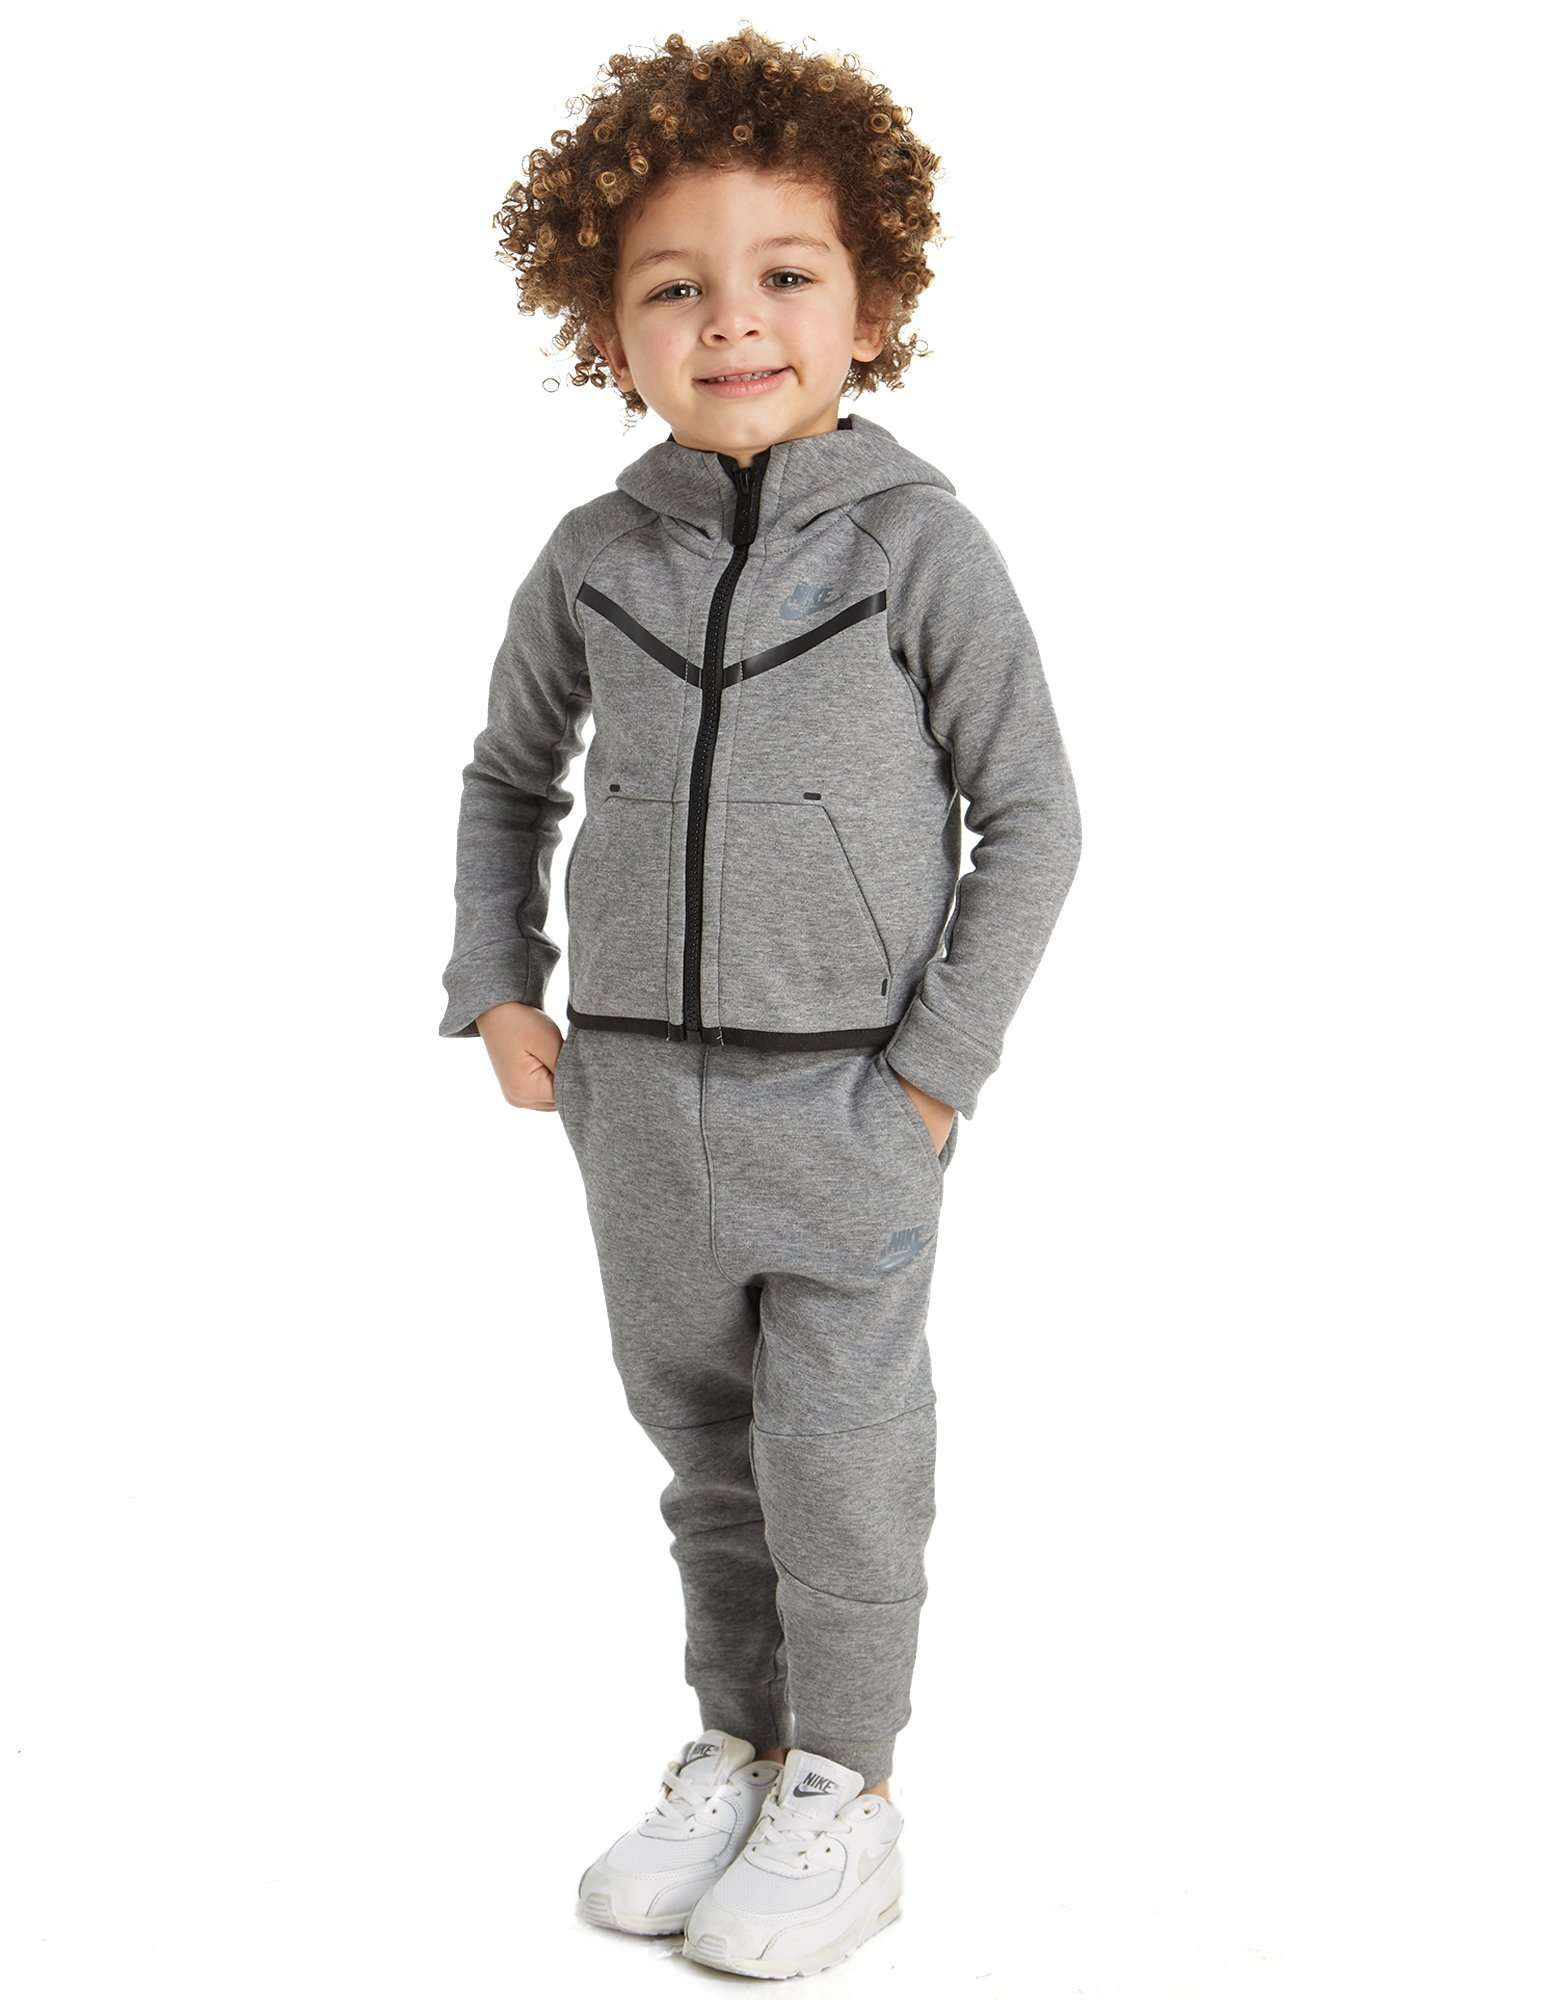 11cc002de2c7 Nike Tech Fleece Suit Infant - Shop online for Nike Tech Fleece Suit Infant  with JD